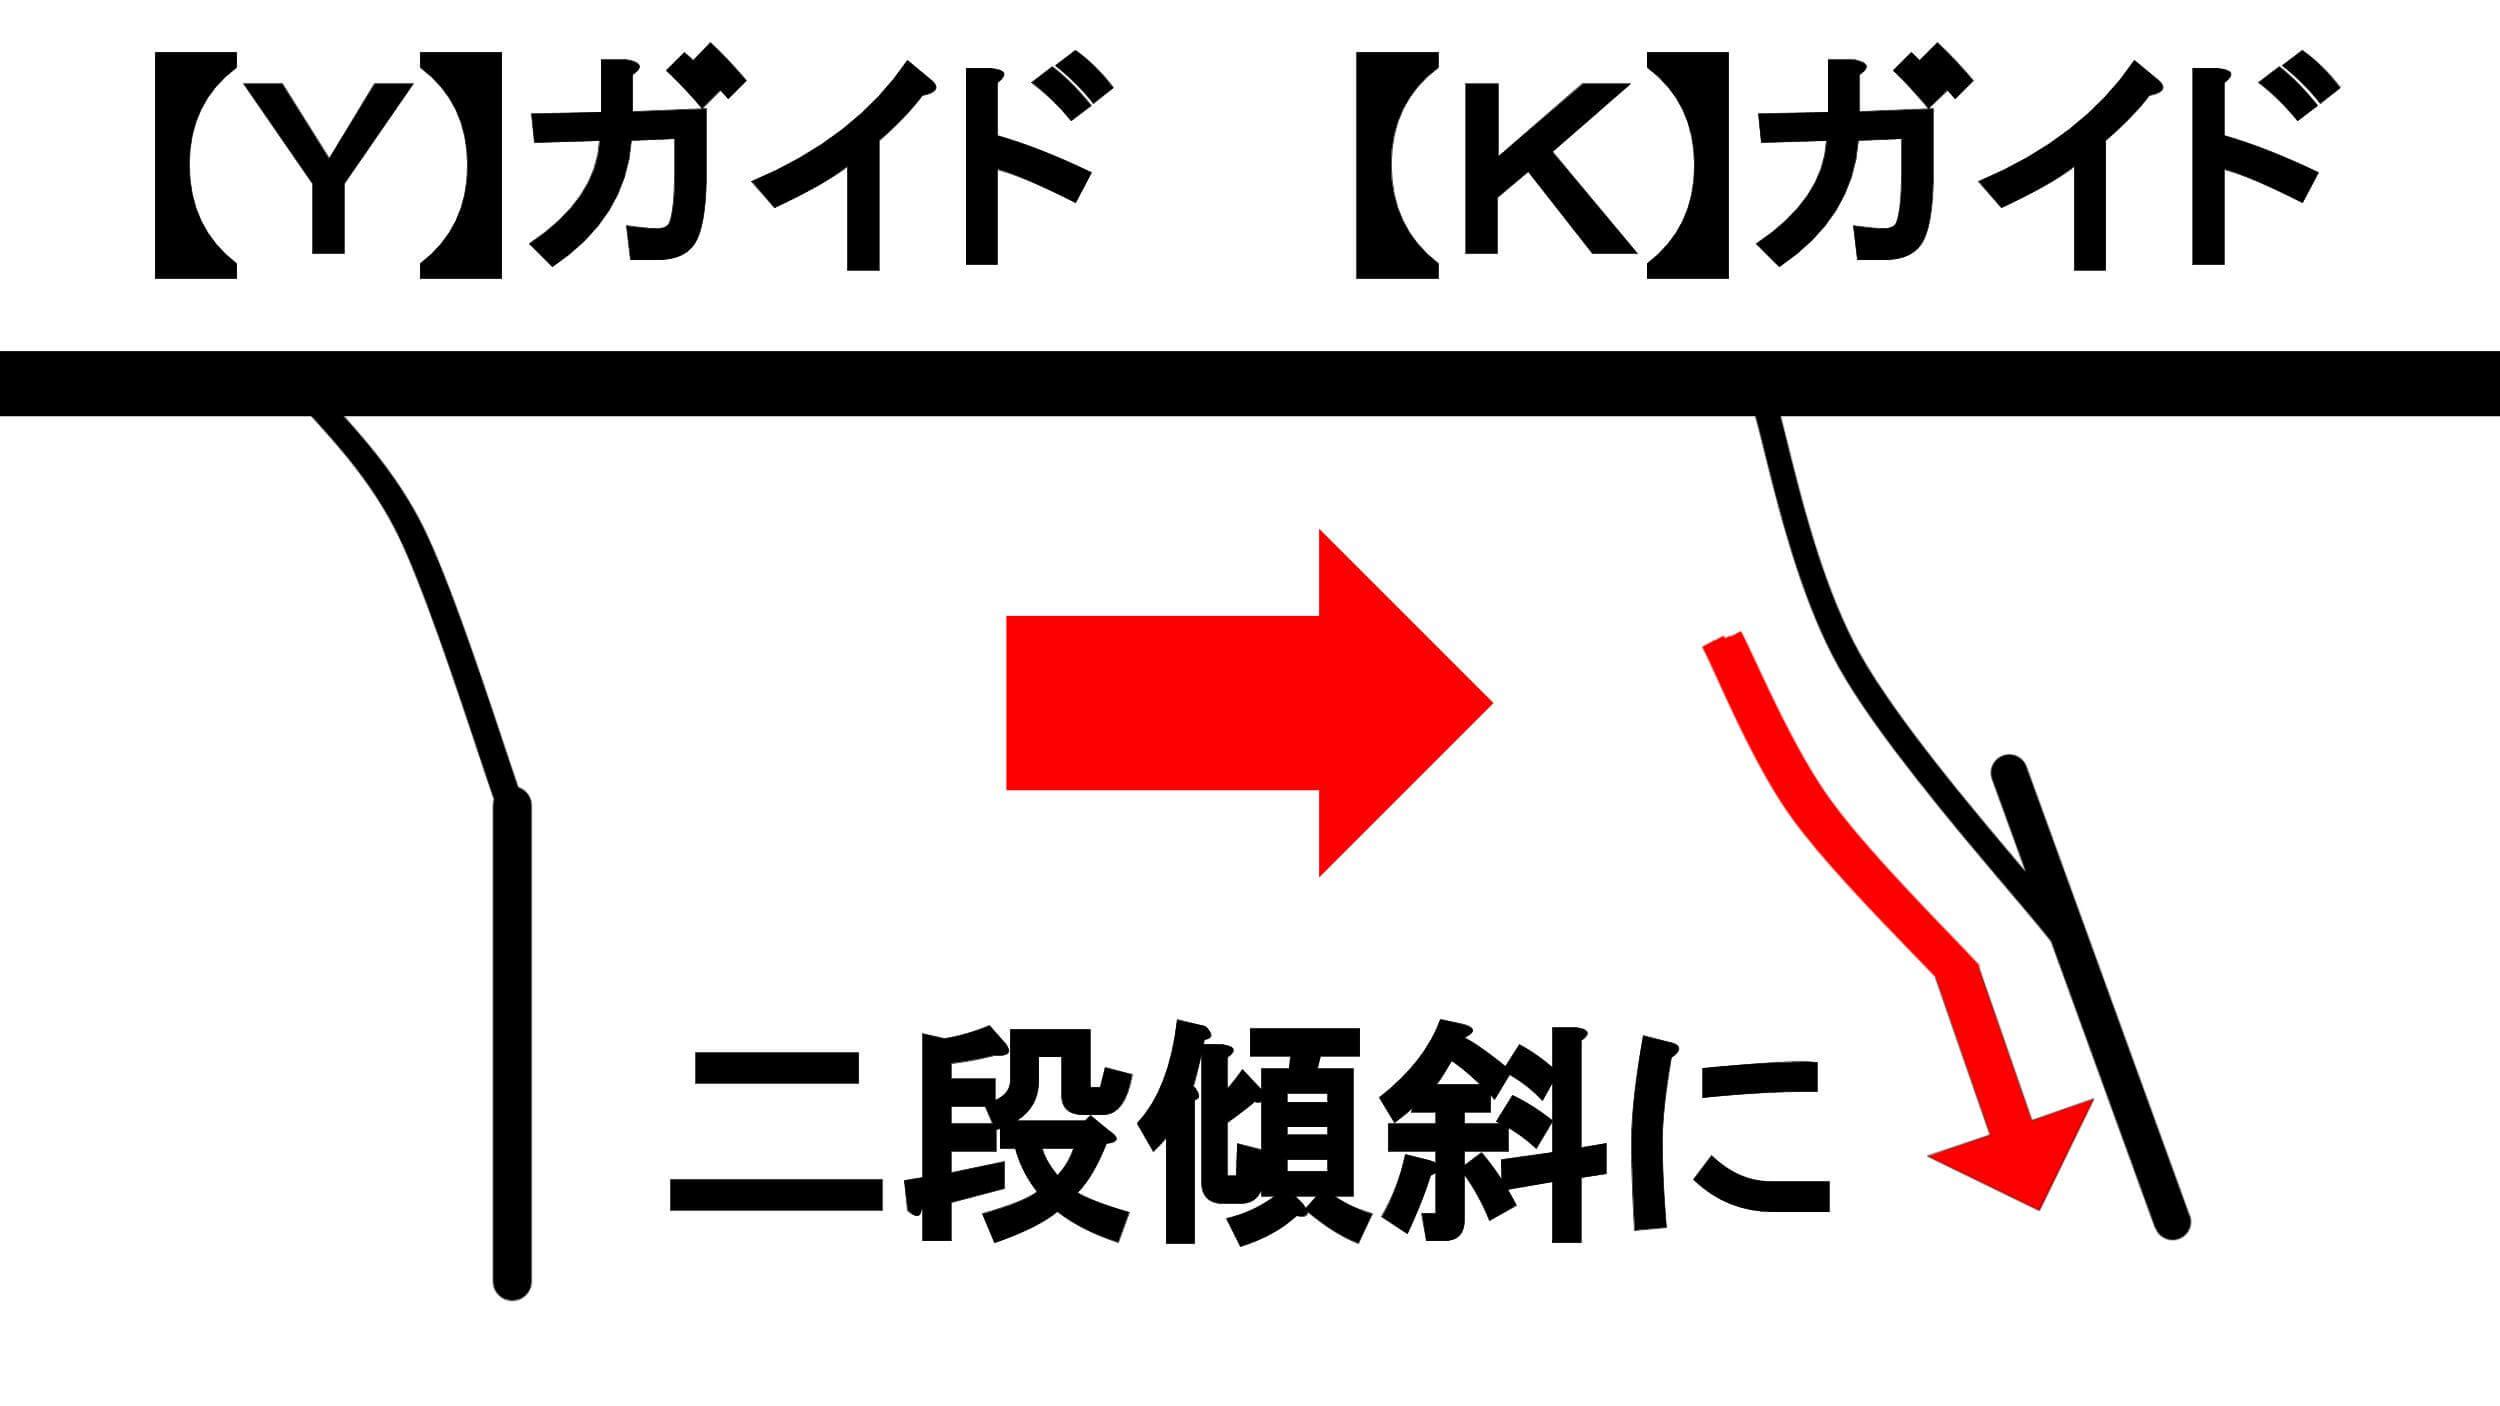 ガイドフレームの形状変更二段傾斜に 【Y】ガイドと【K】ガイド